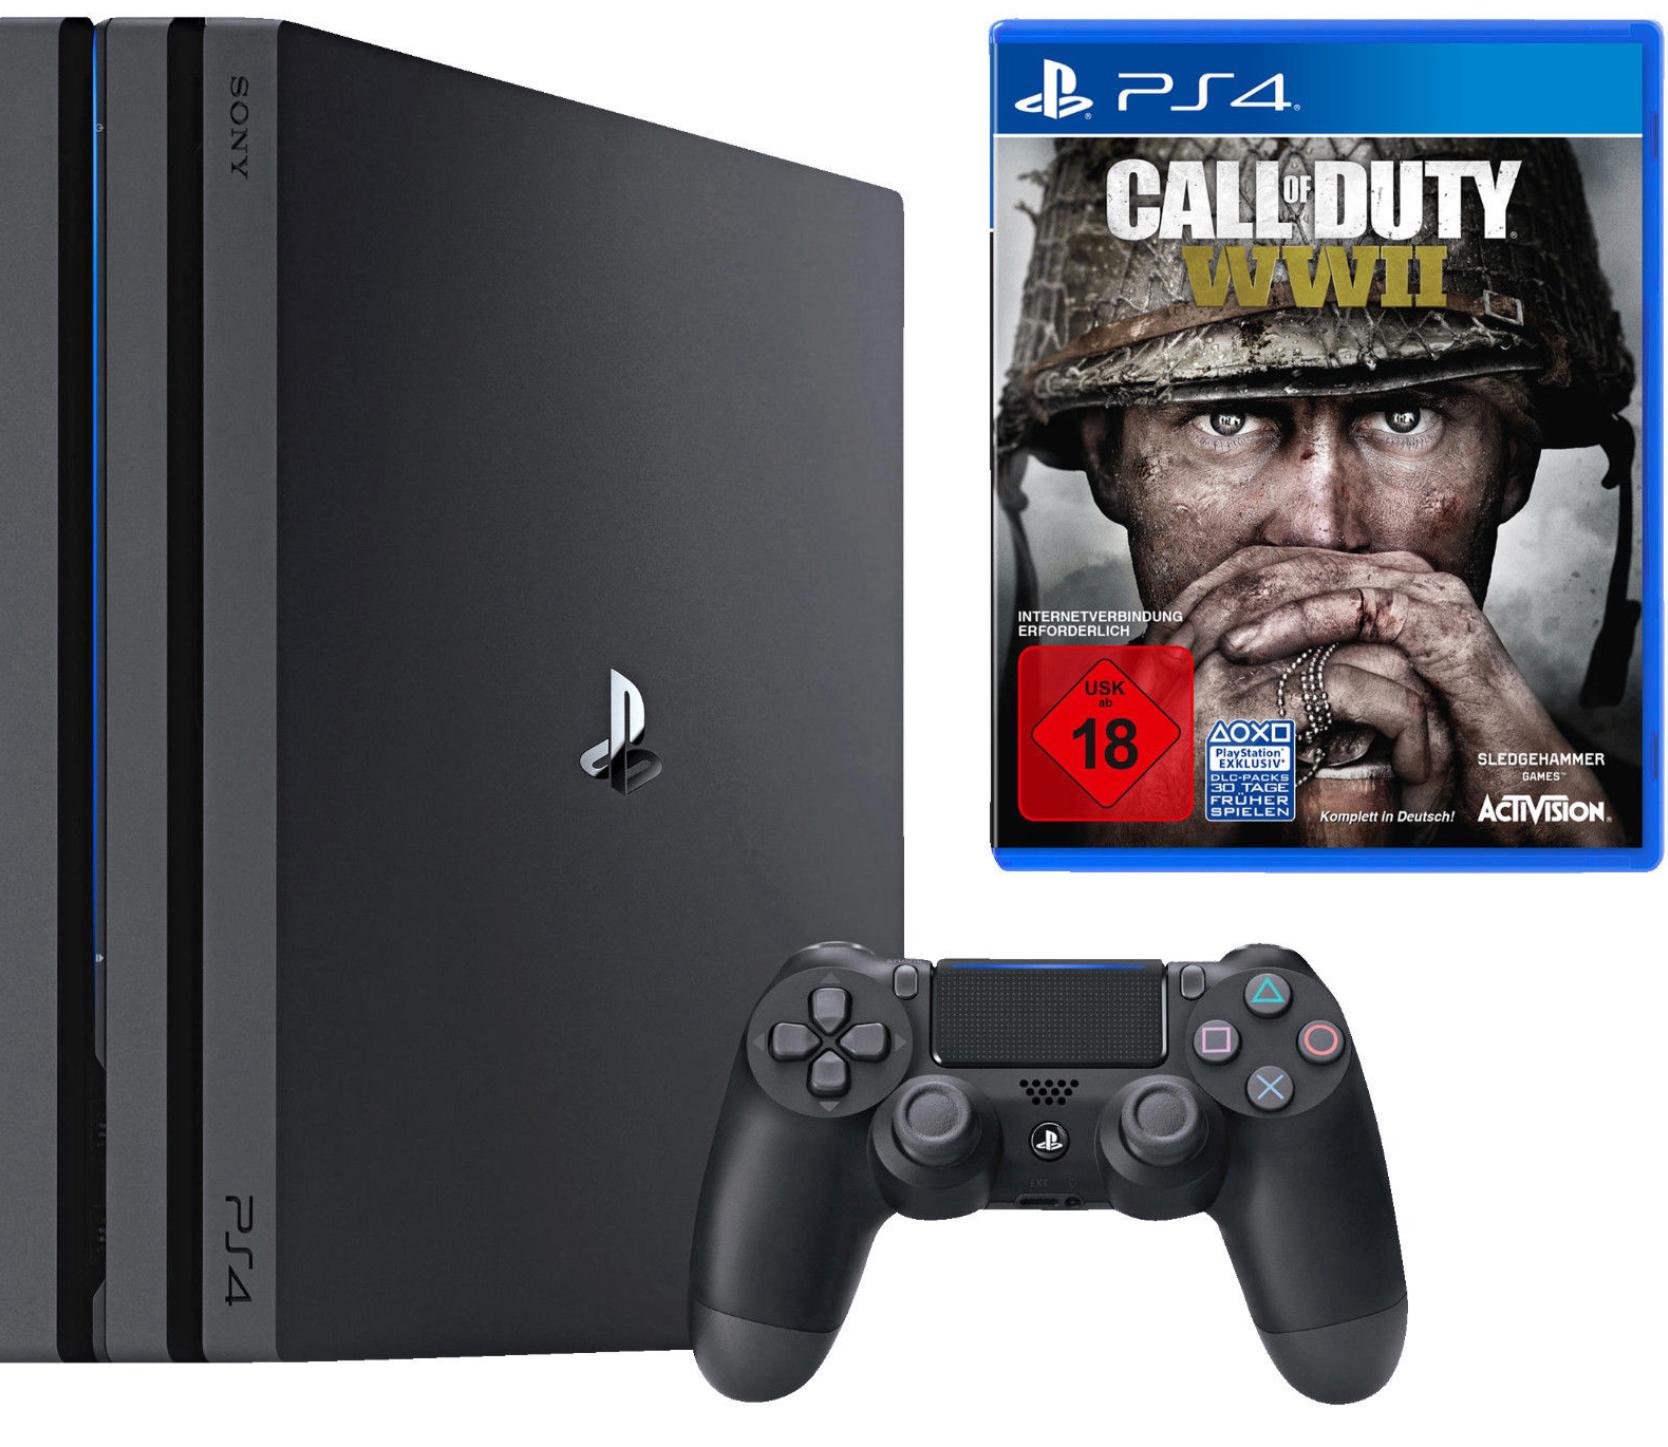 [ebay] SONY PlayStation 4 Pro 1TB Schwarz + Call of Duty WWII + That's You Voucher für 377€ bzw. 339,30€ (mit Umzug nach AU)